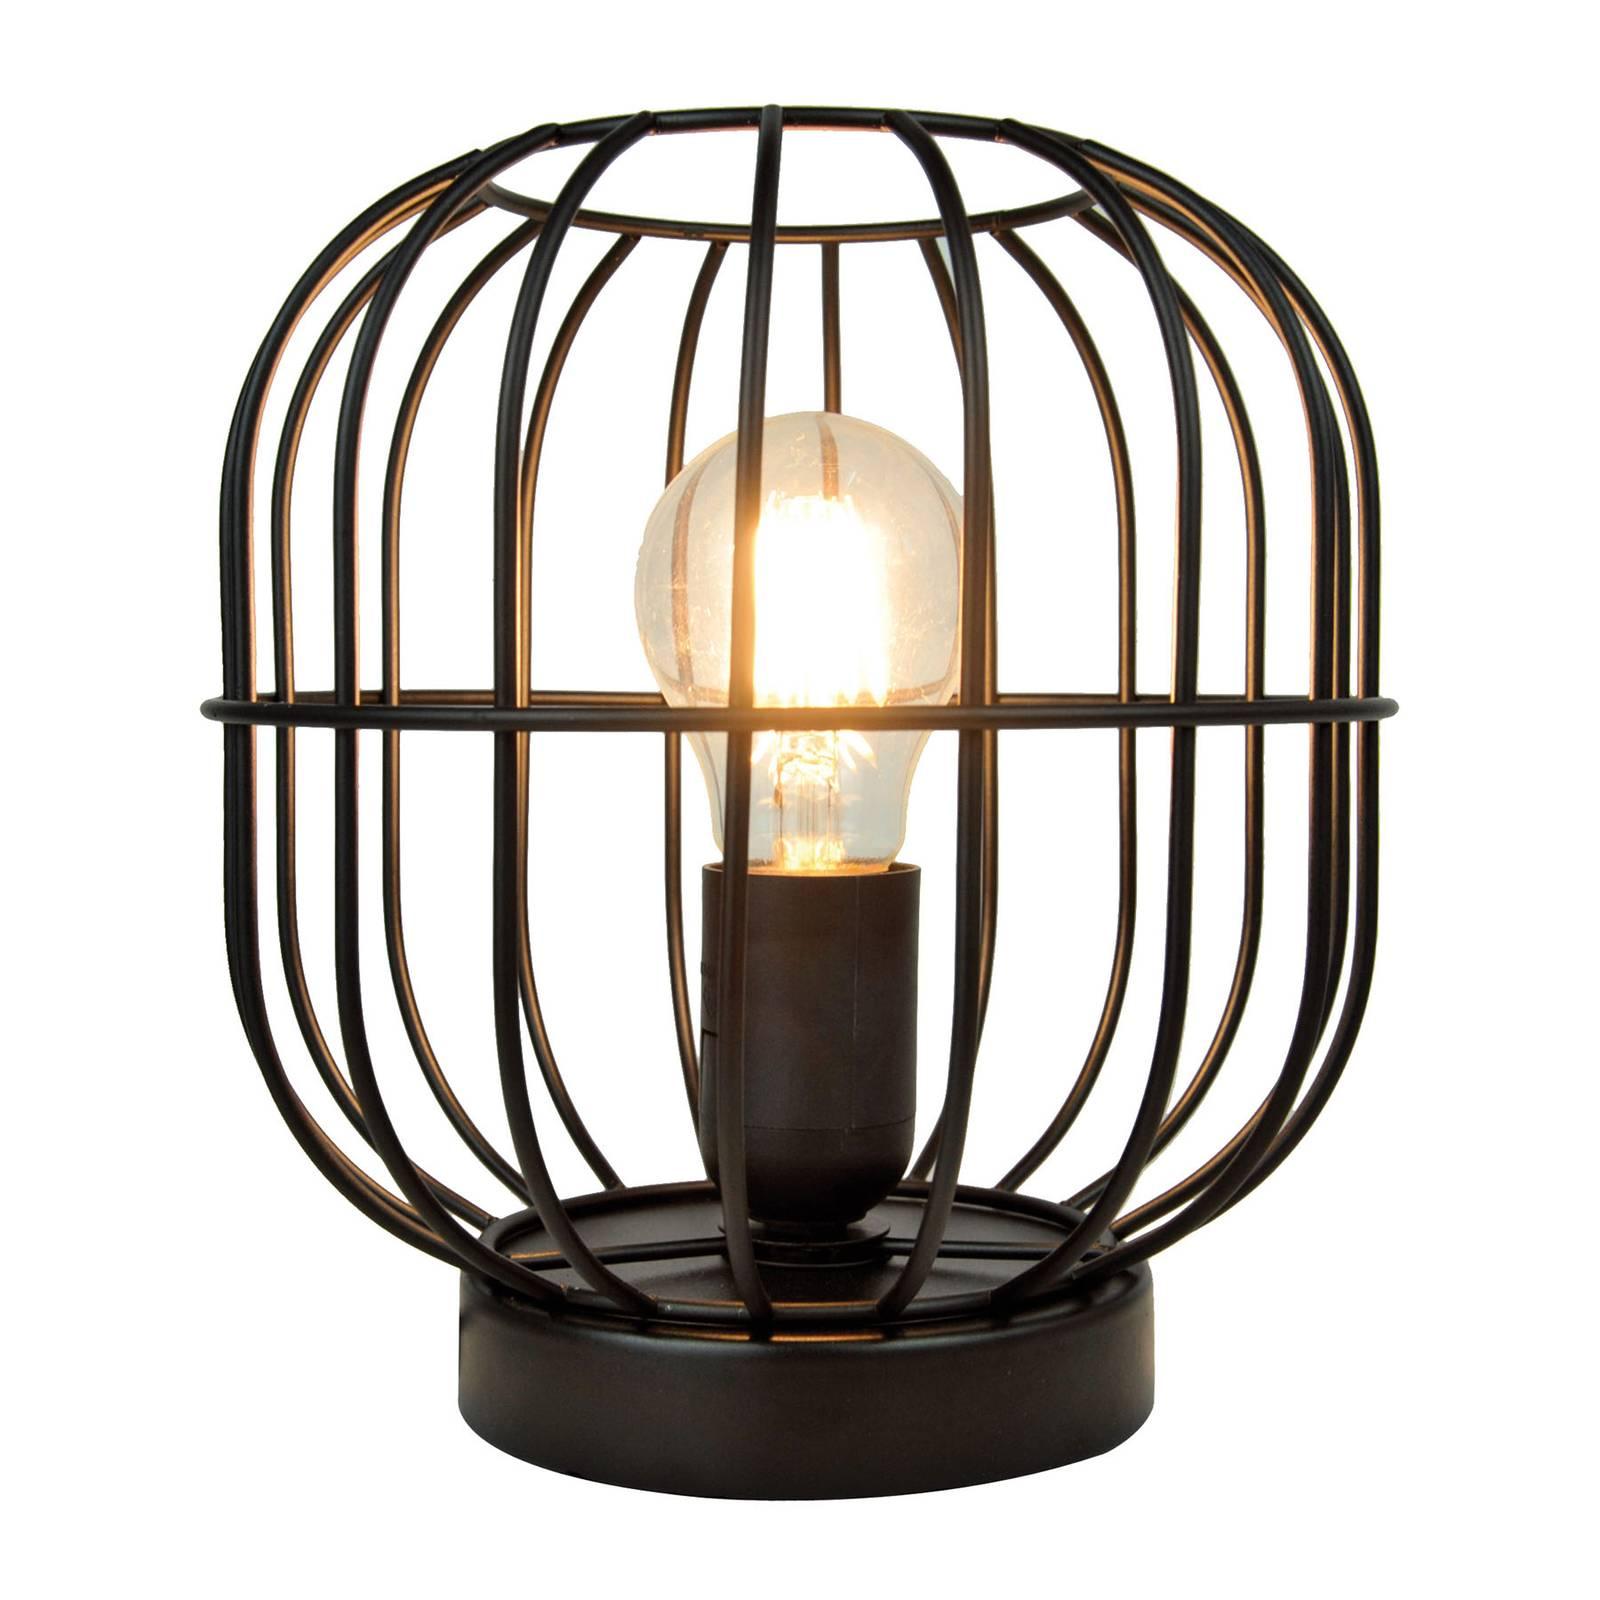 Lampada da tavolo Zenith a gabbia, nero